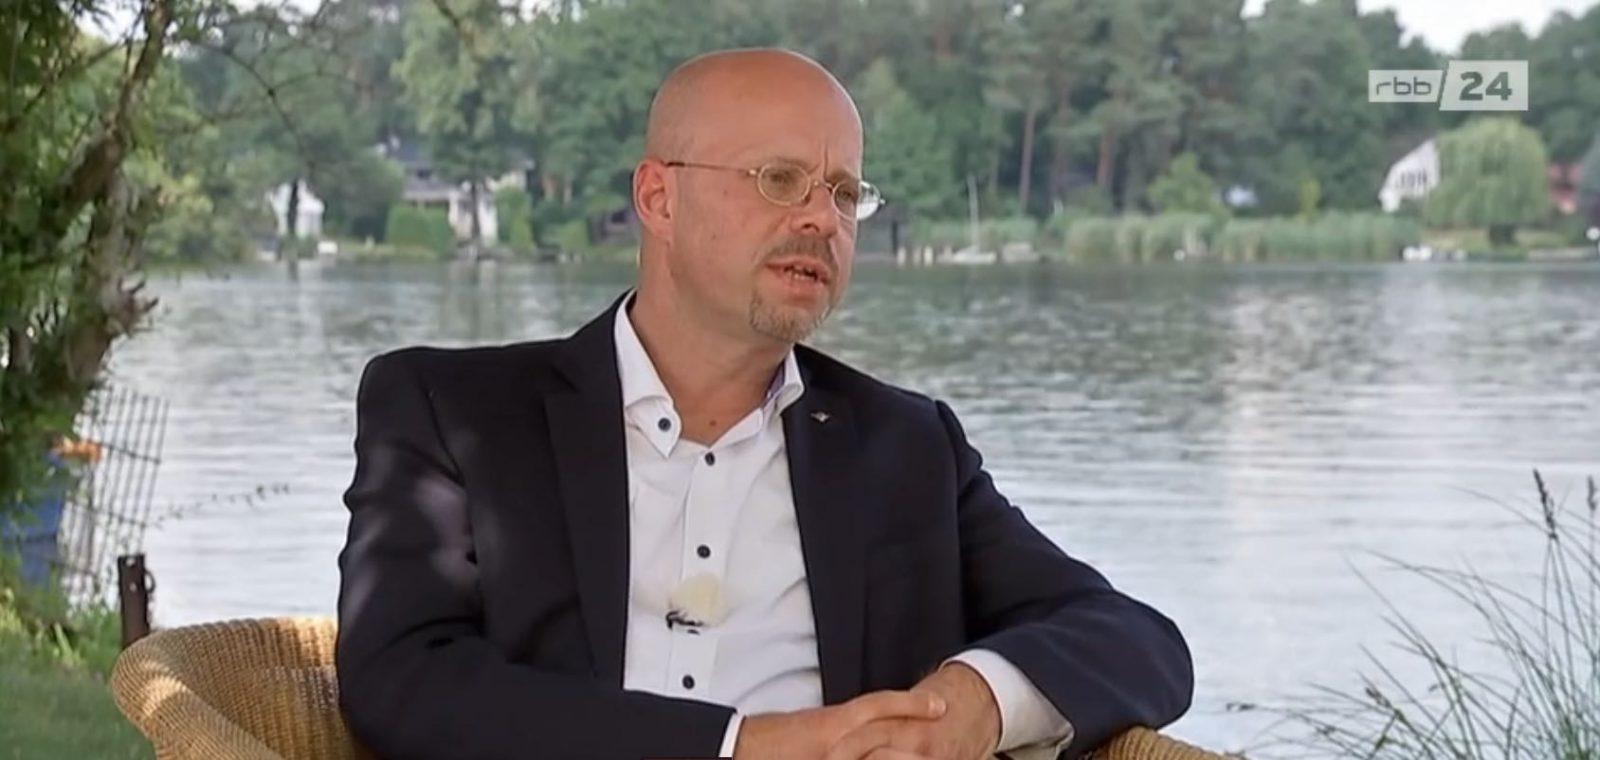 Brandenburgs Ex-AfD-Chef im RBB-Sommerinterview